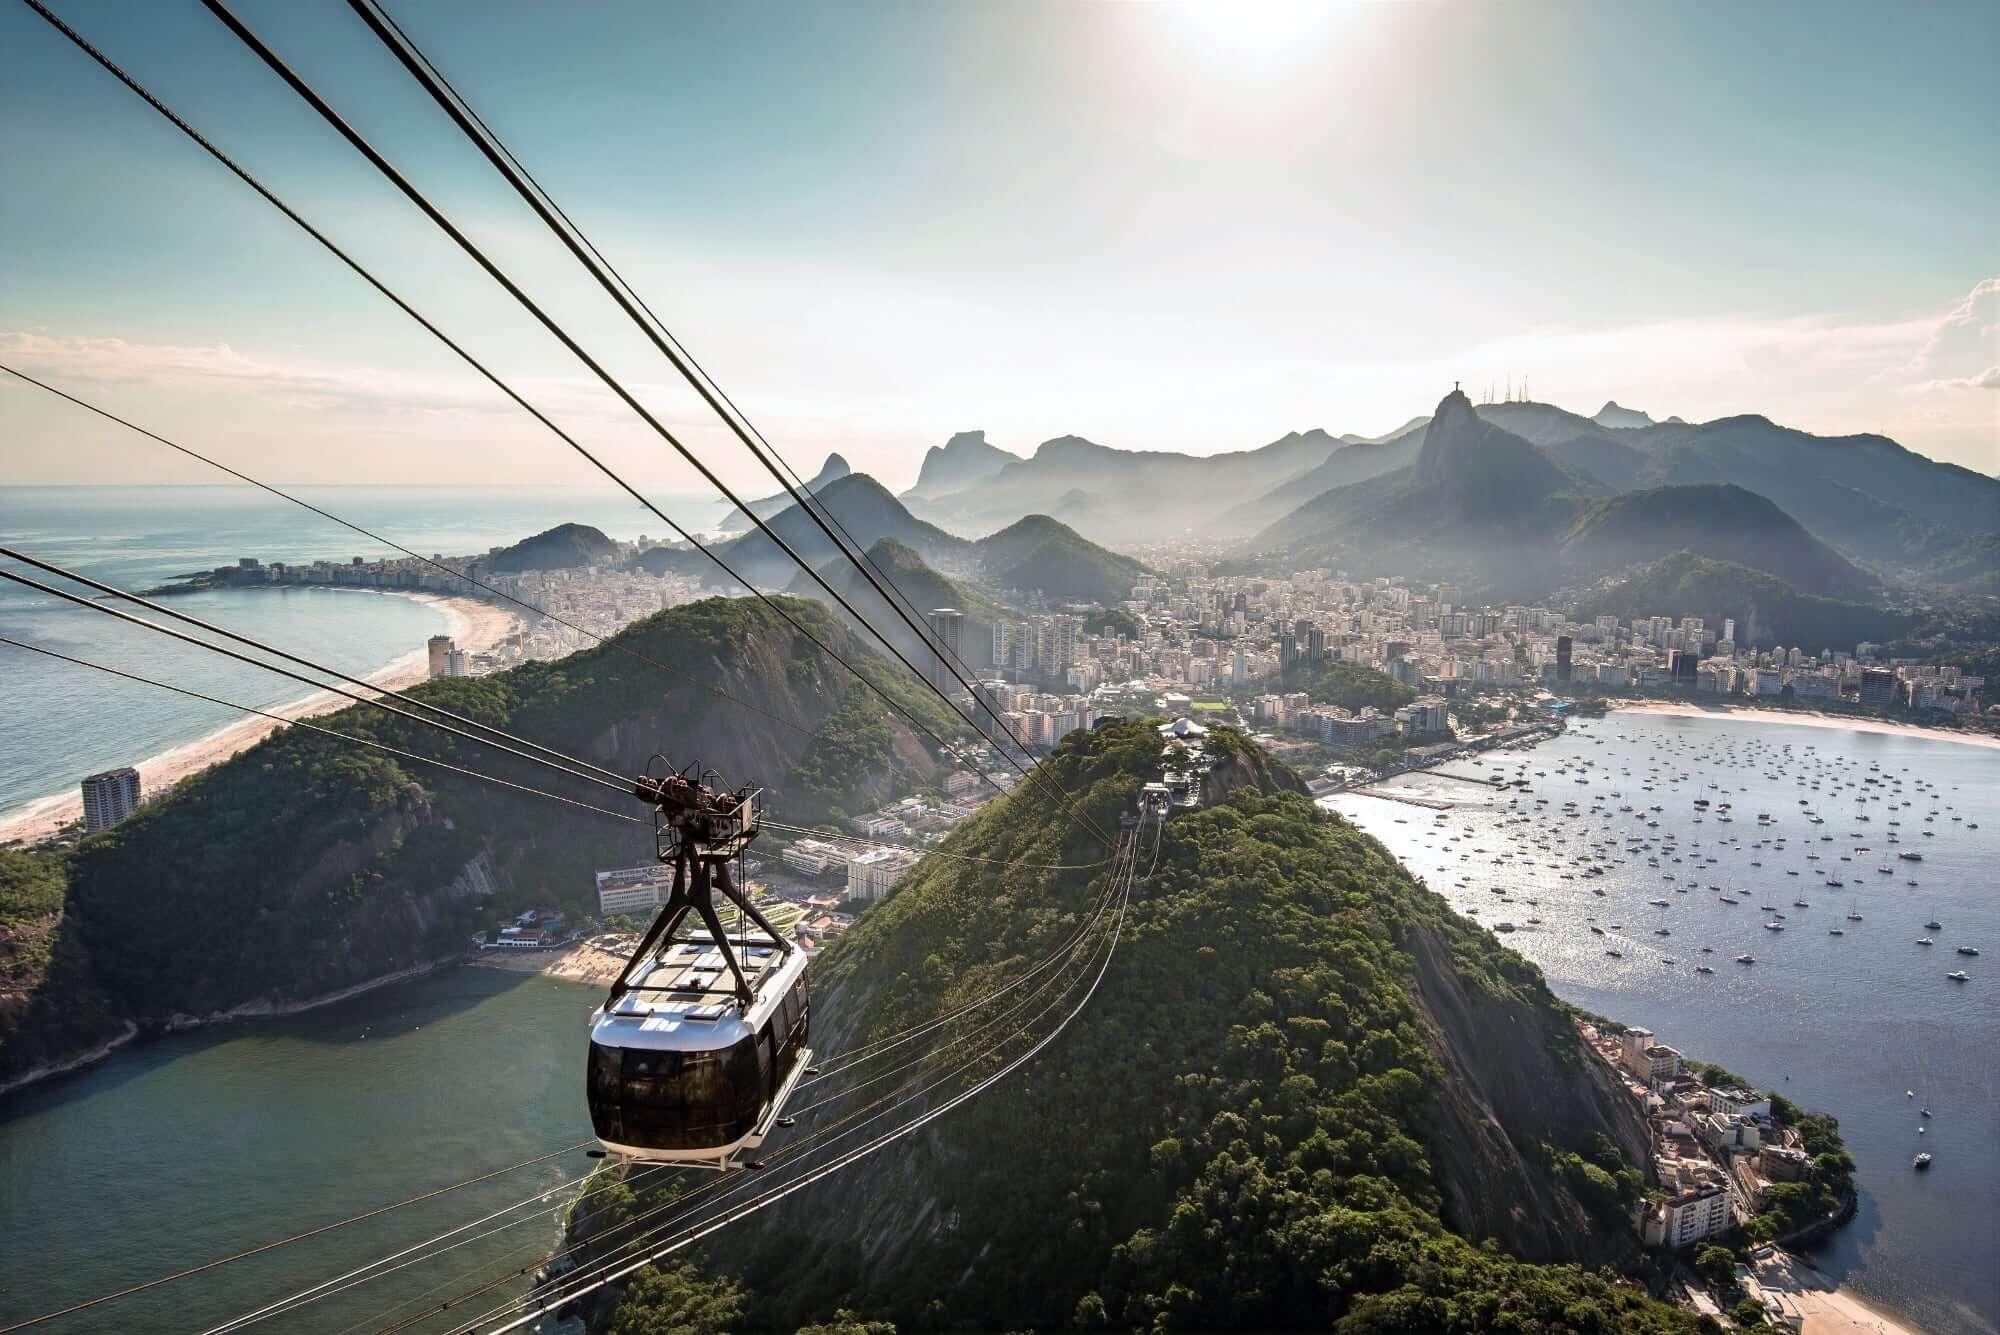 Cable Car to the Sugar Loaf Mountain - Rio de Janeiro, Brazil